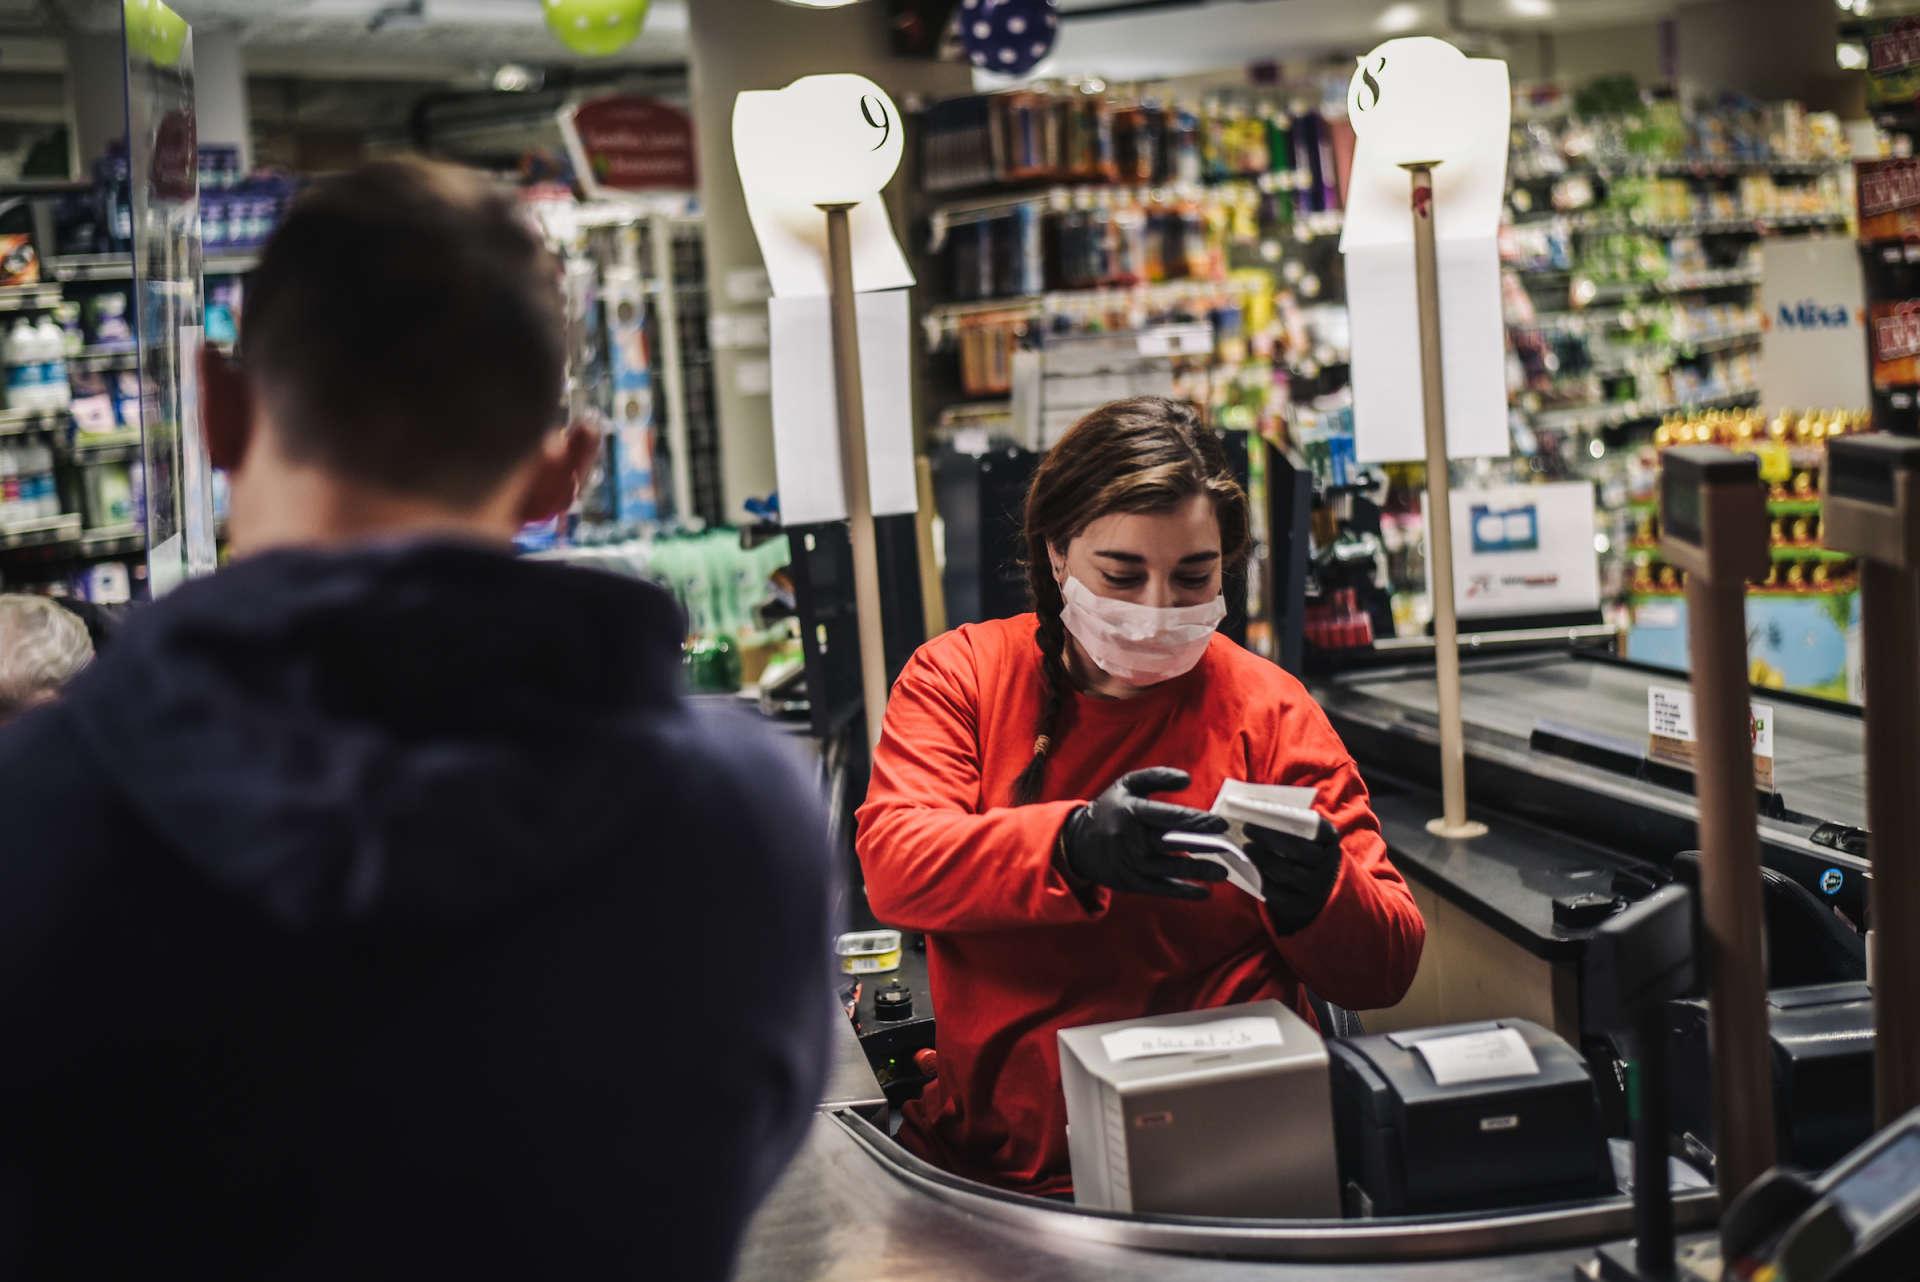 Gants et masques de rigueur dans ce supermarché d'Issy-les-Moulineaux (Hauts-de-Seine), le 18 mars.